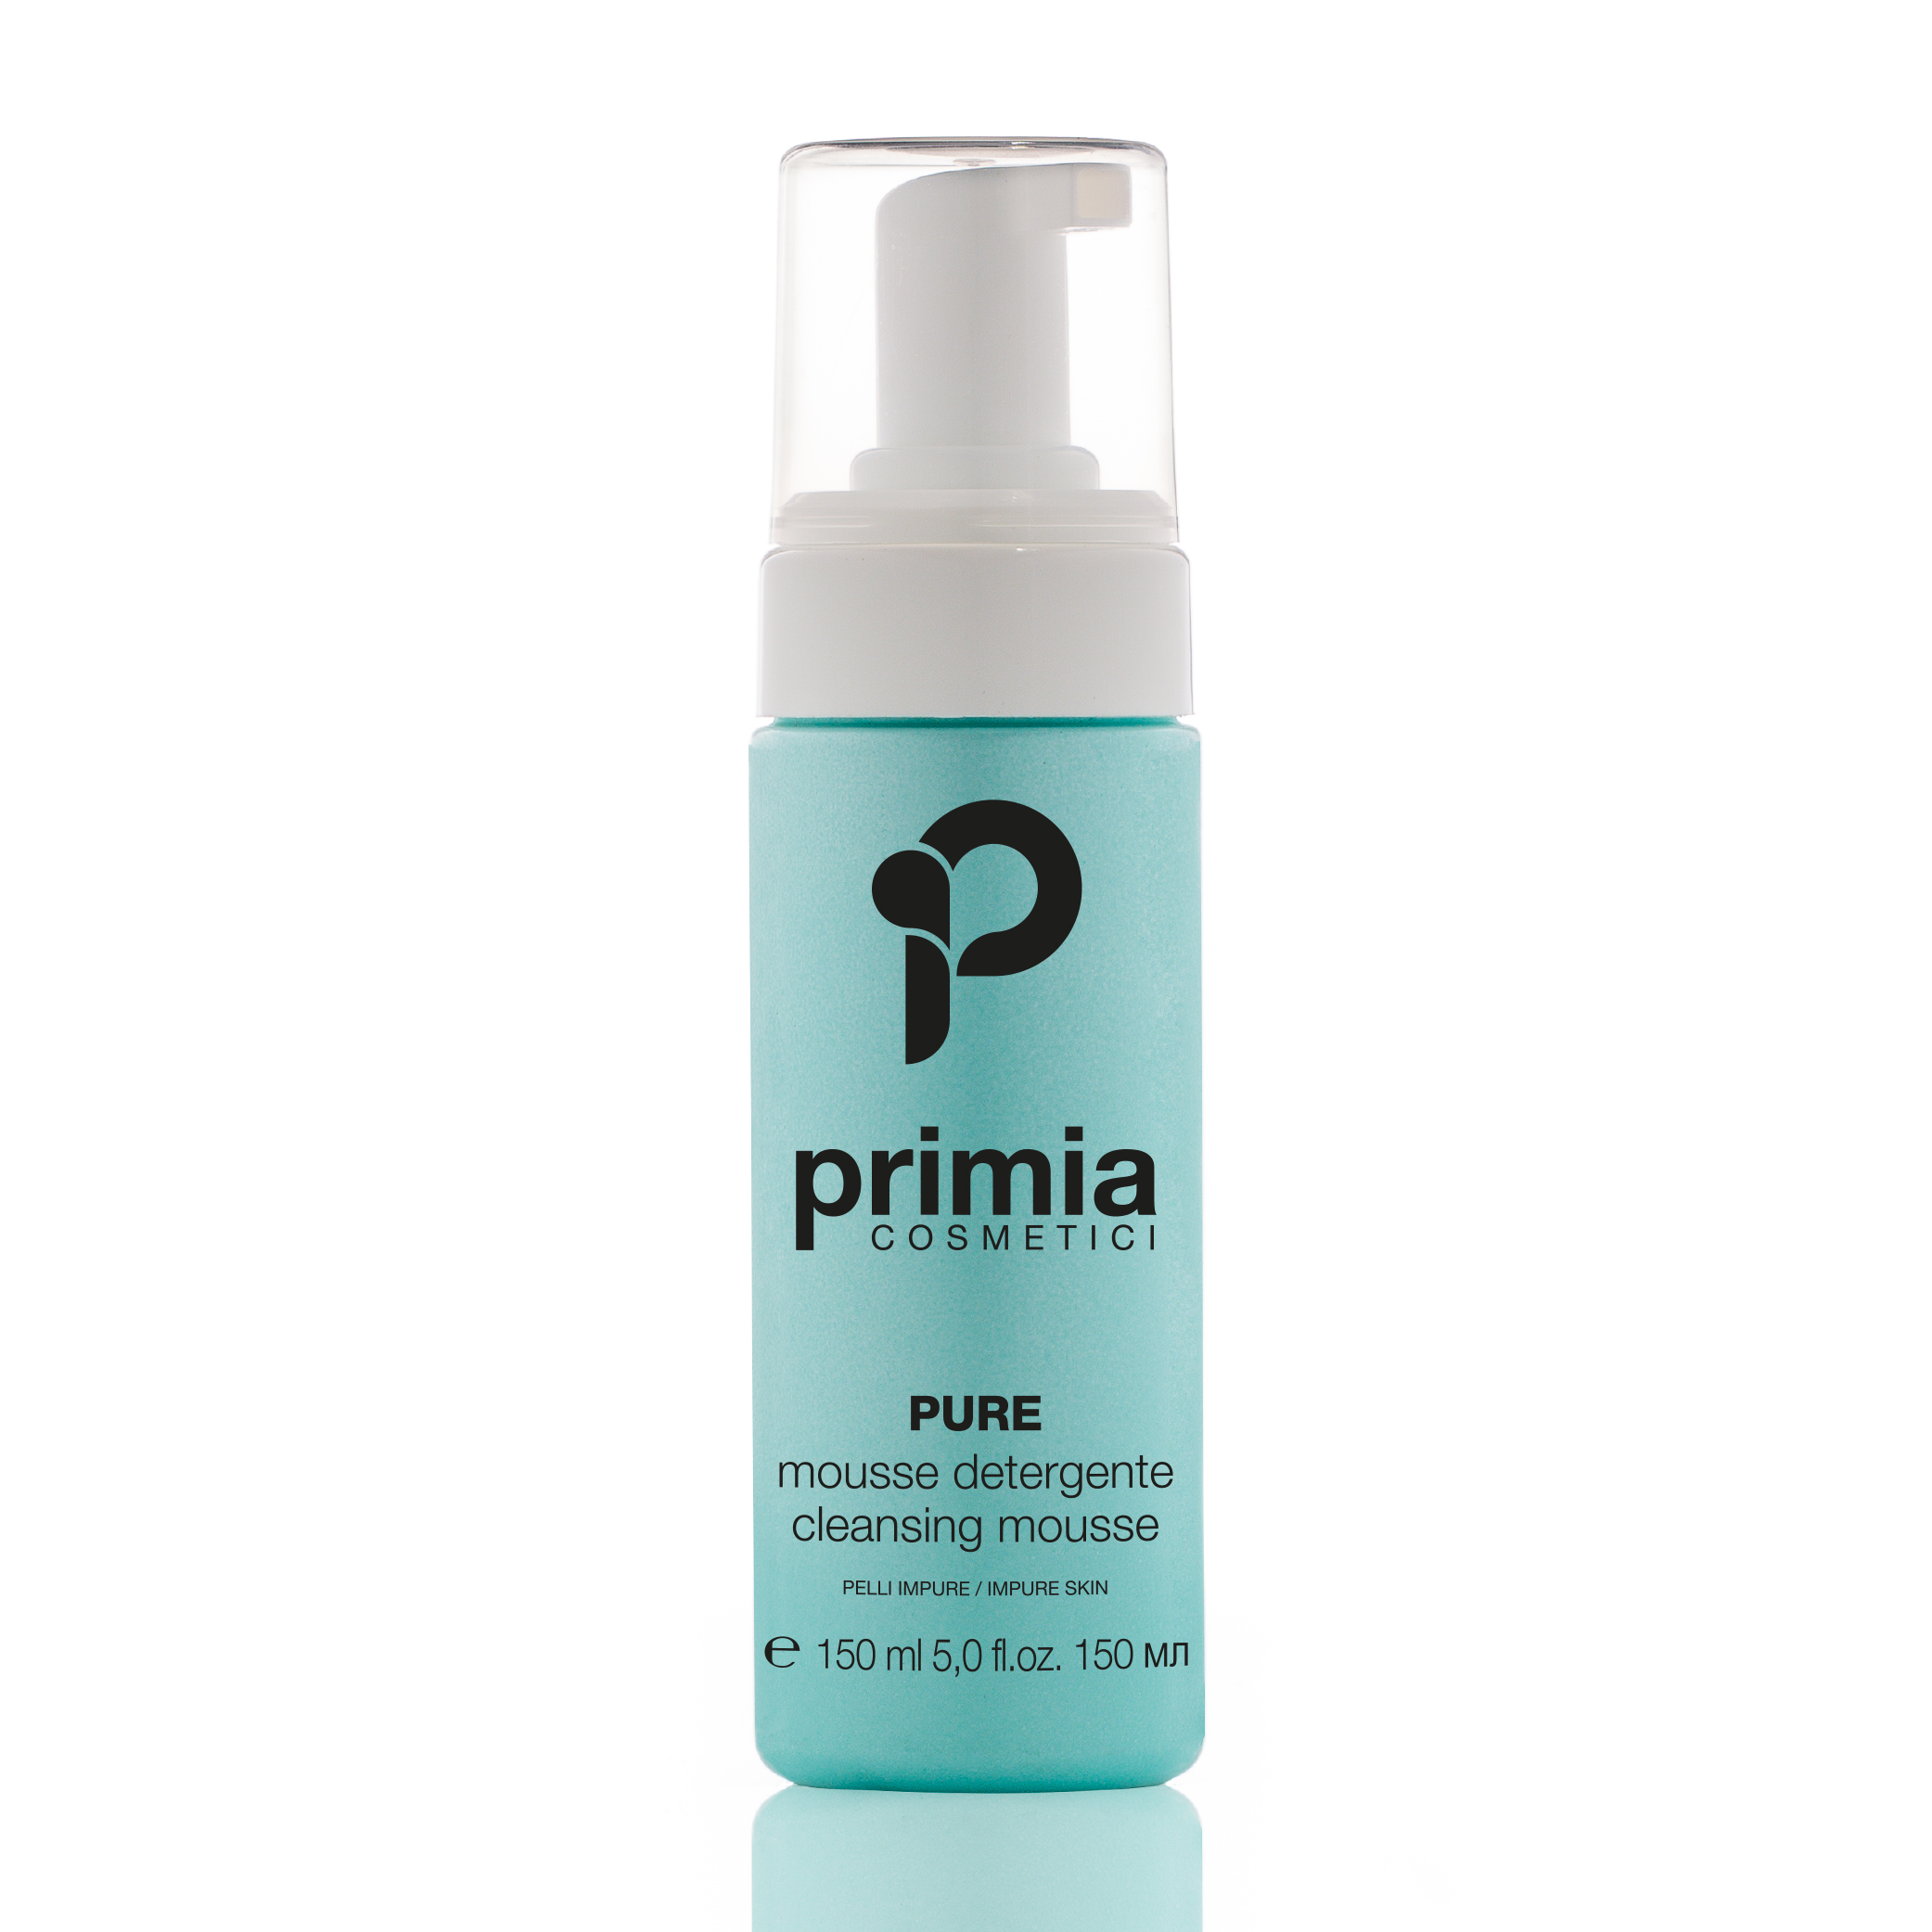 PRIMIA COSMETICI Мусс очищающий для жирной и комбинированной кожи / Pure cleansing mousse 150 мл - Муссы